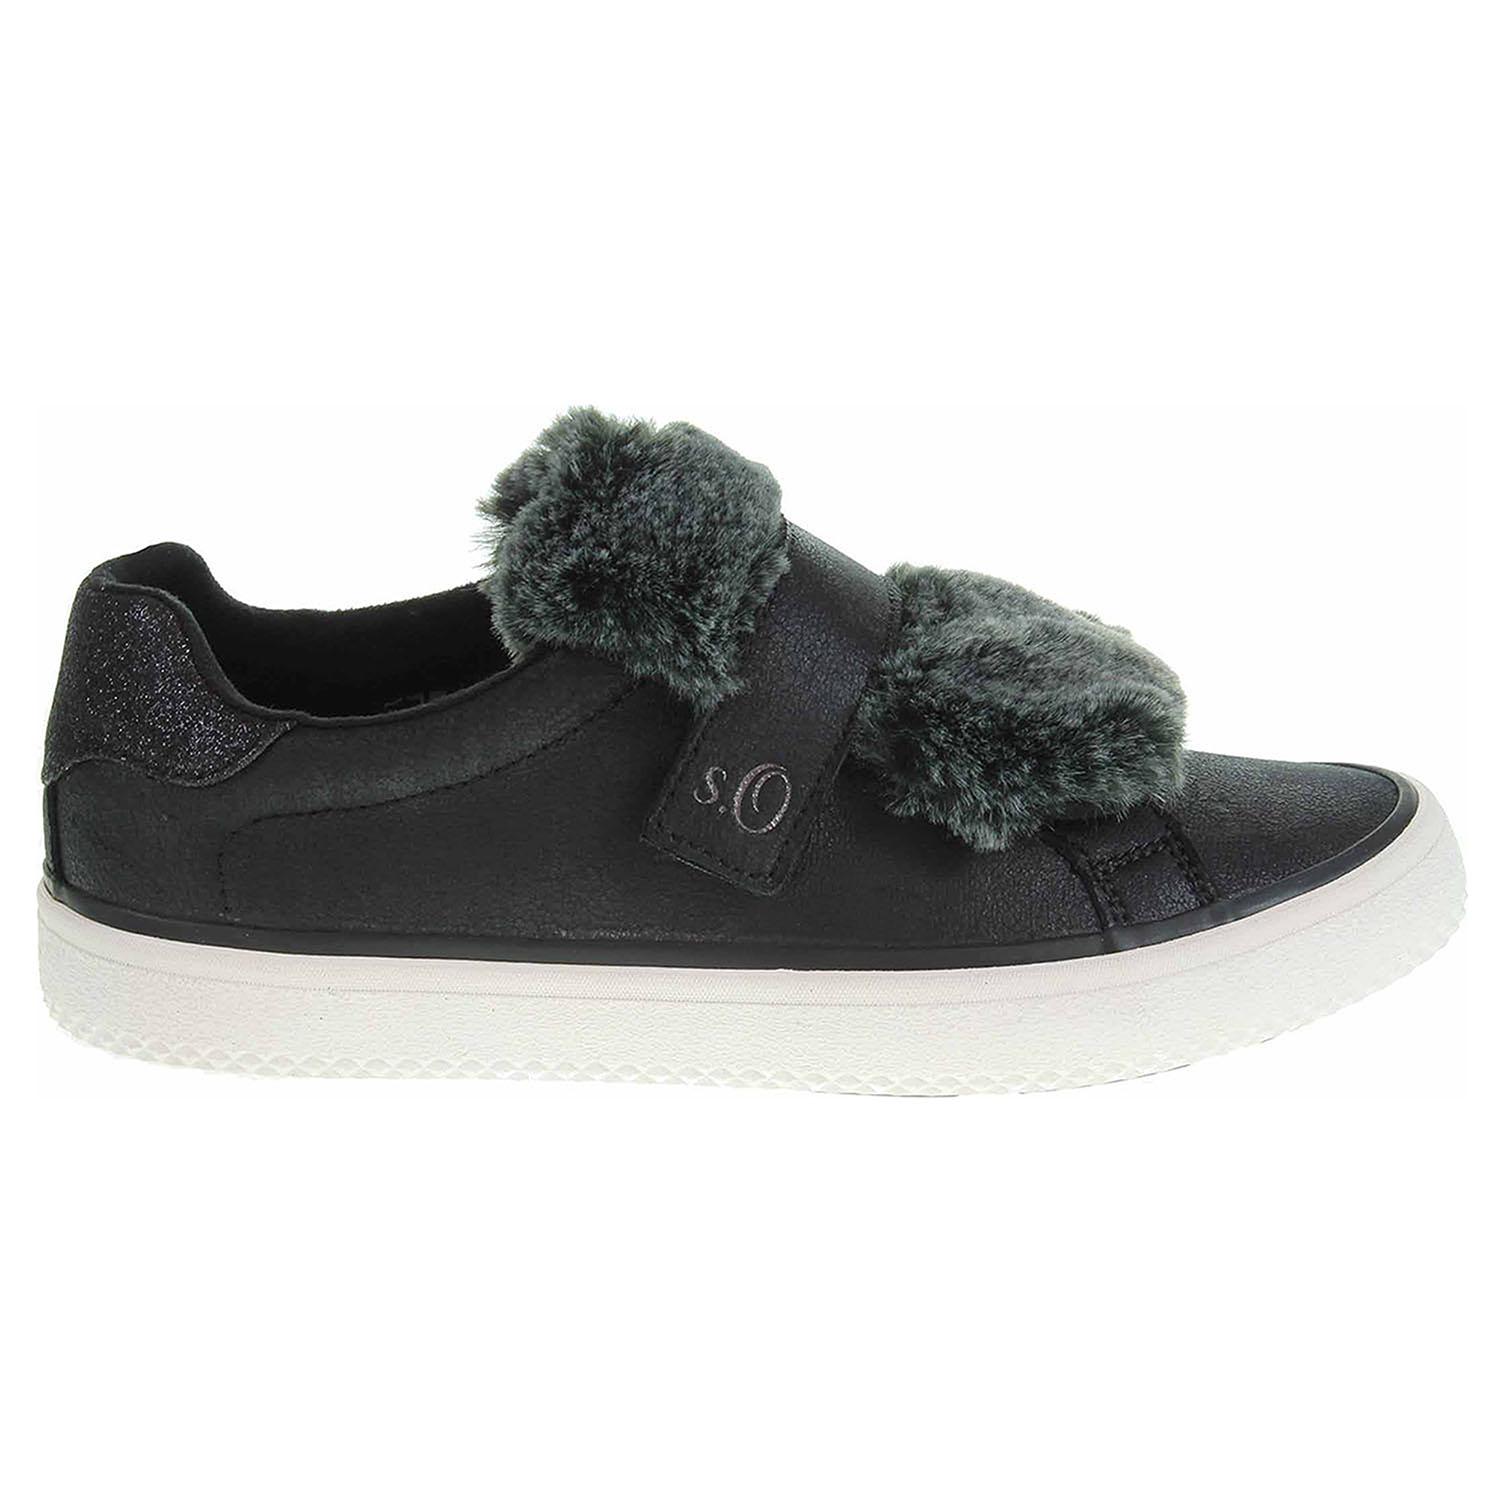 s.Oliver dámská obuv 5-24605-29 černá 5-5-24605-29 001 37